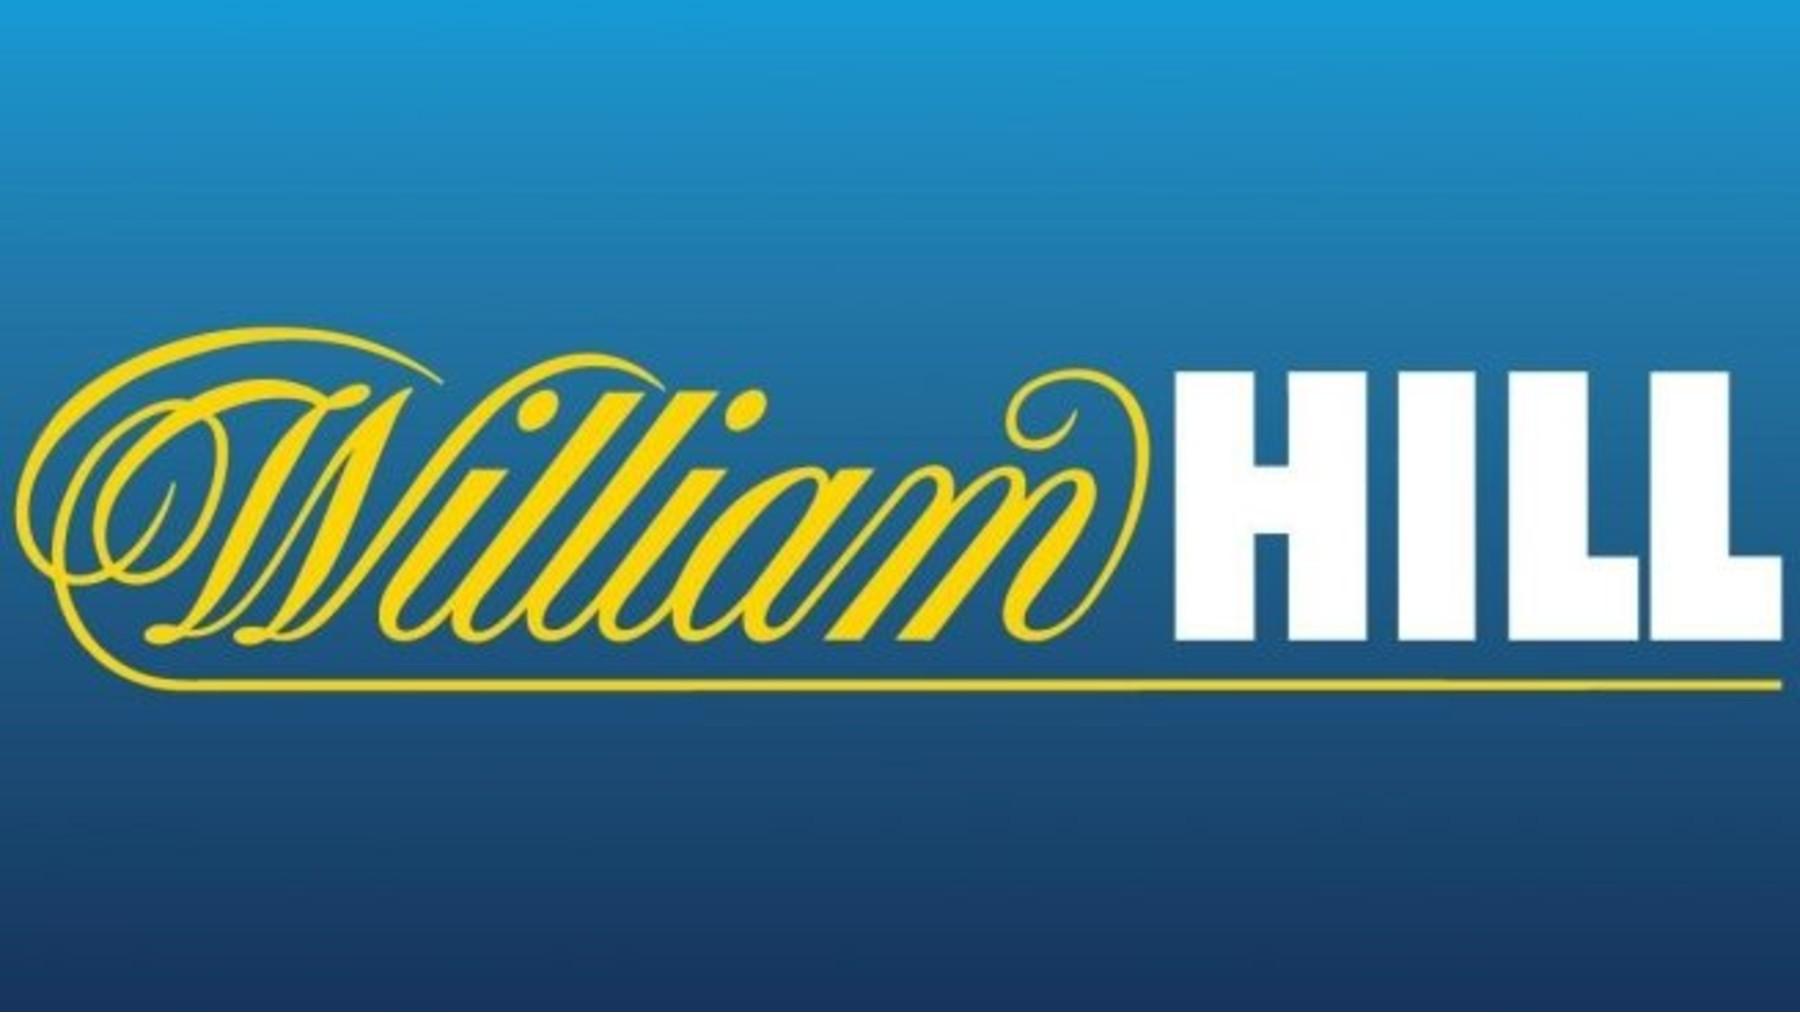 William Hill.